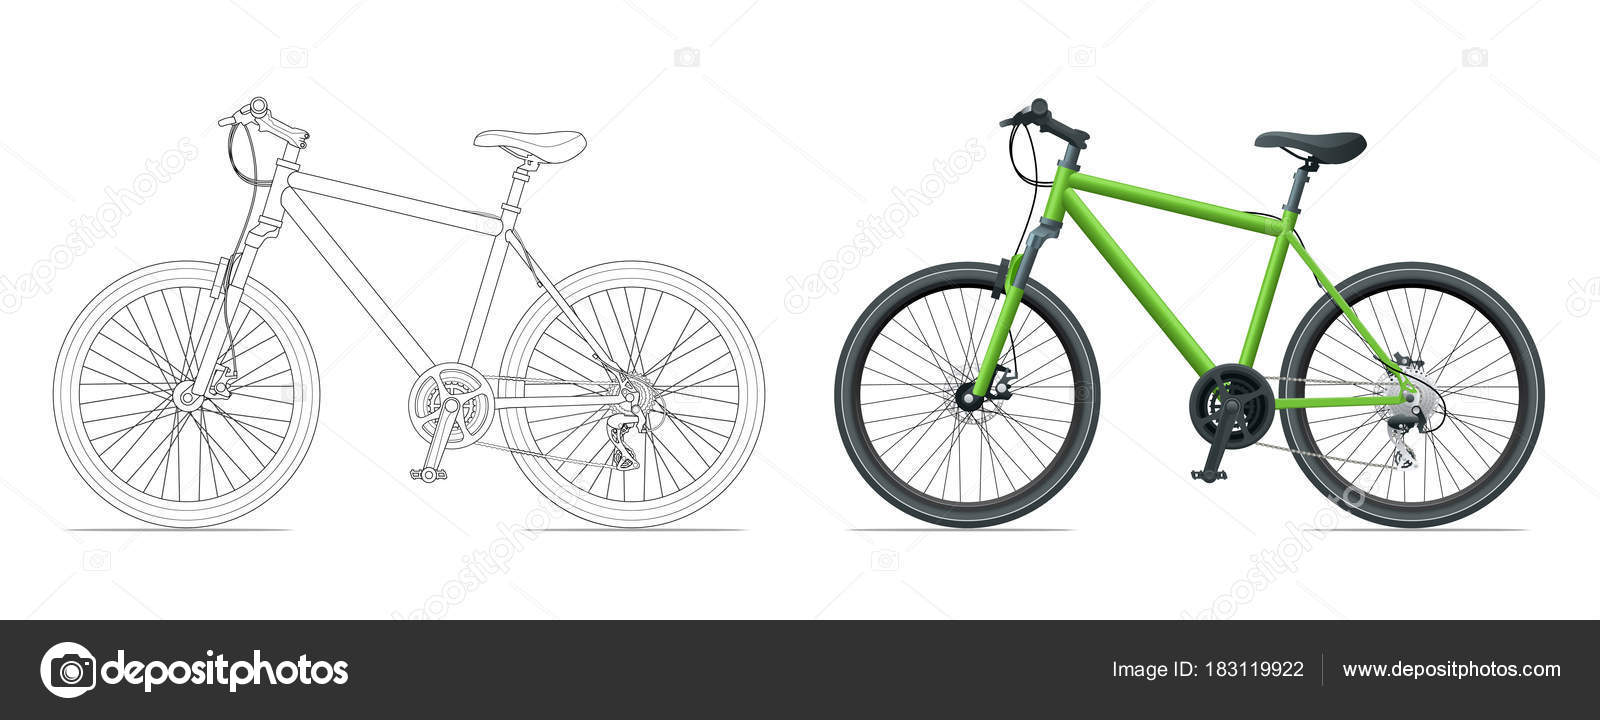 Übersicht Fahrrad Umriss isoliert auf weißem Hintergrund. Mountain ...